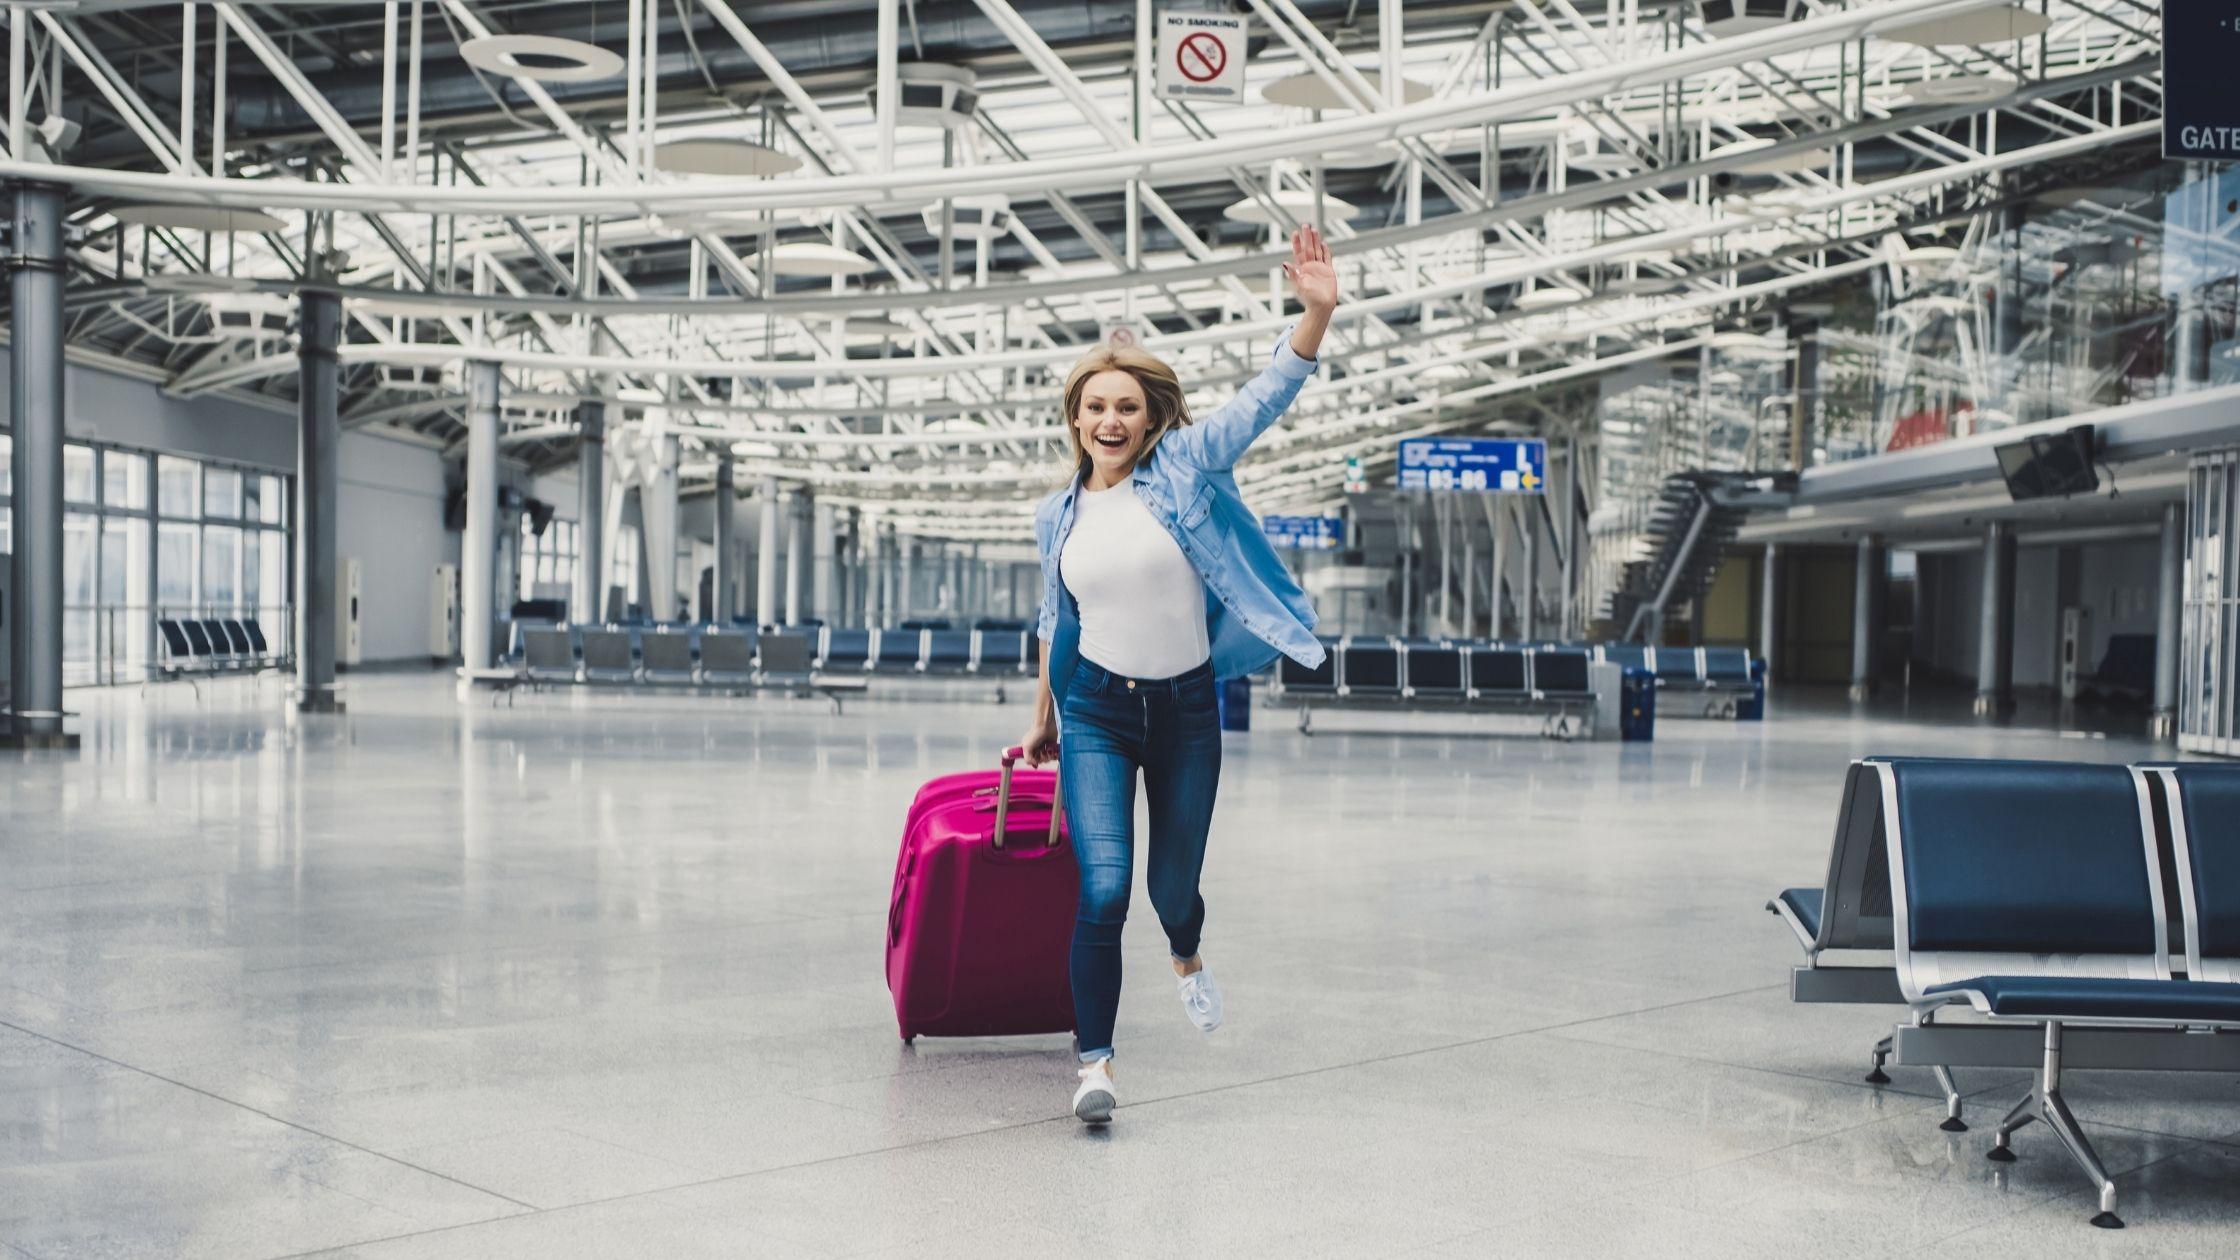 بريطانيا تخفف القيود على المسافرين القادمين من الإمارات العربية المتحدة